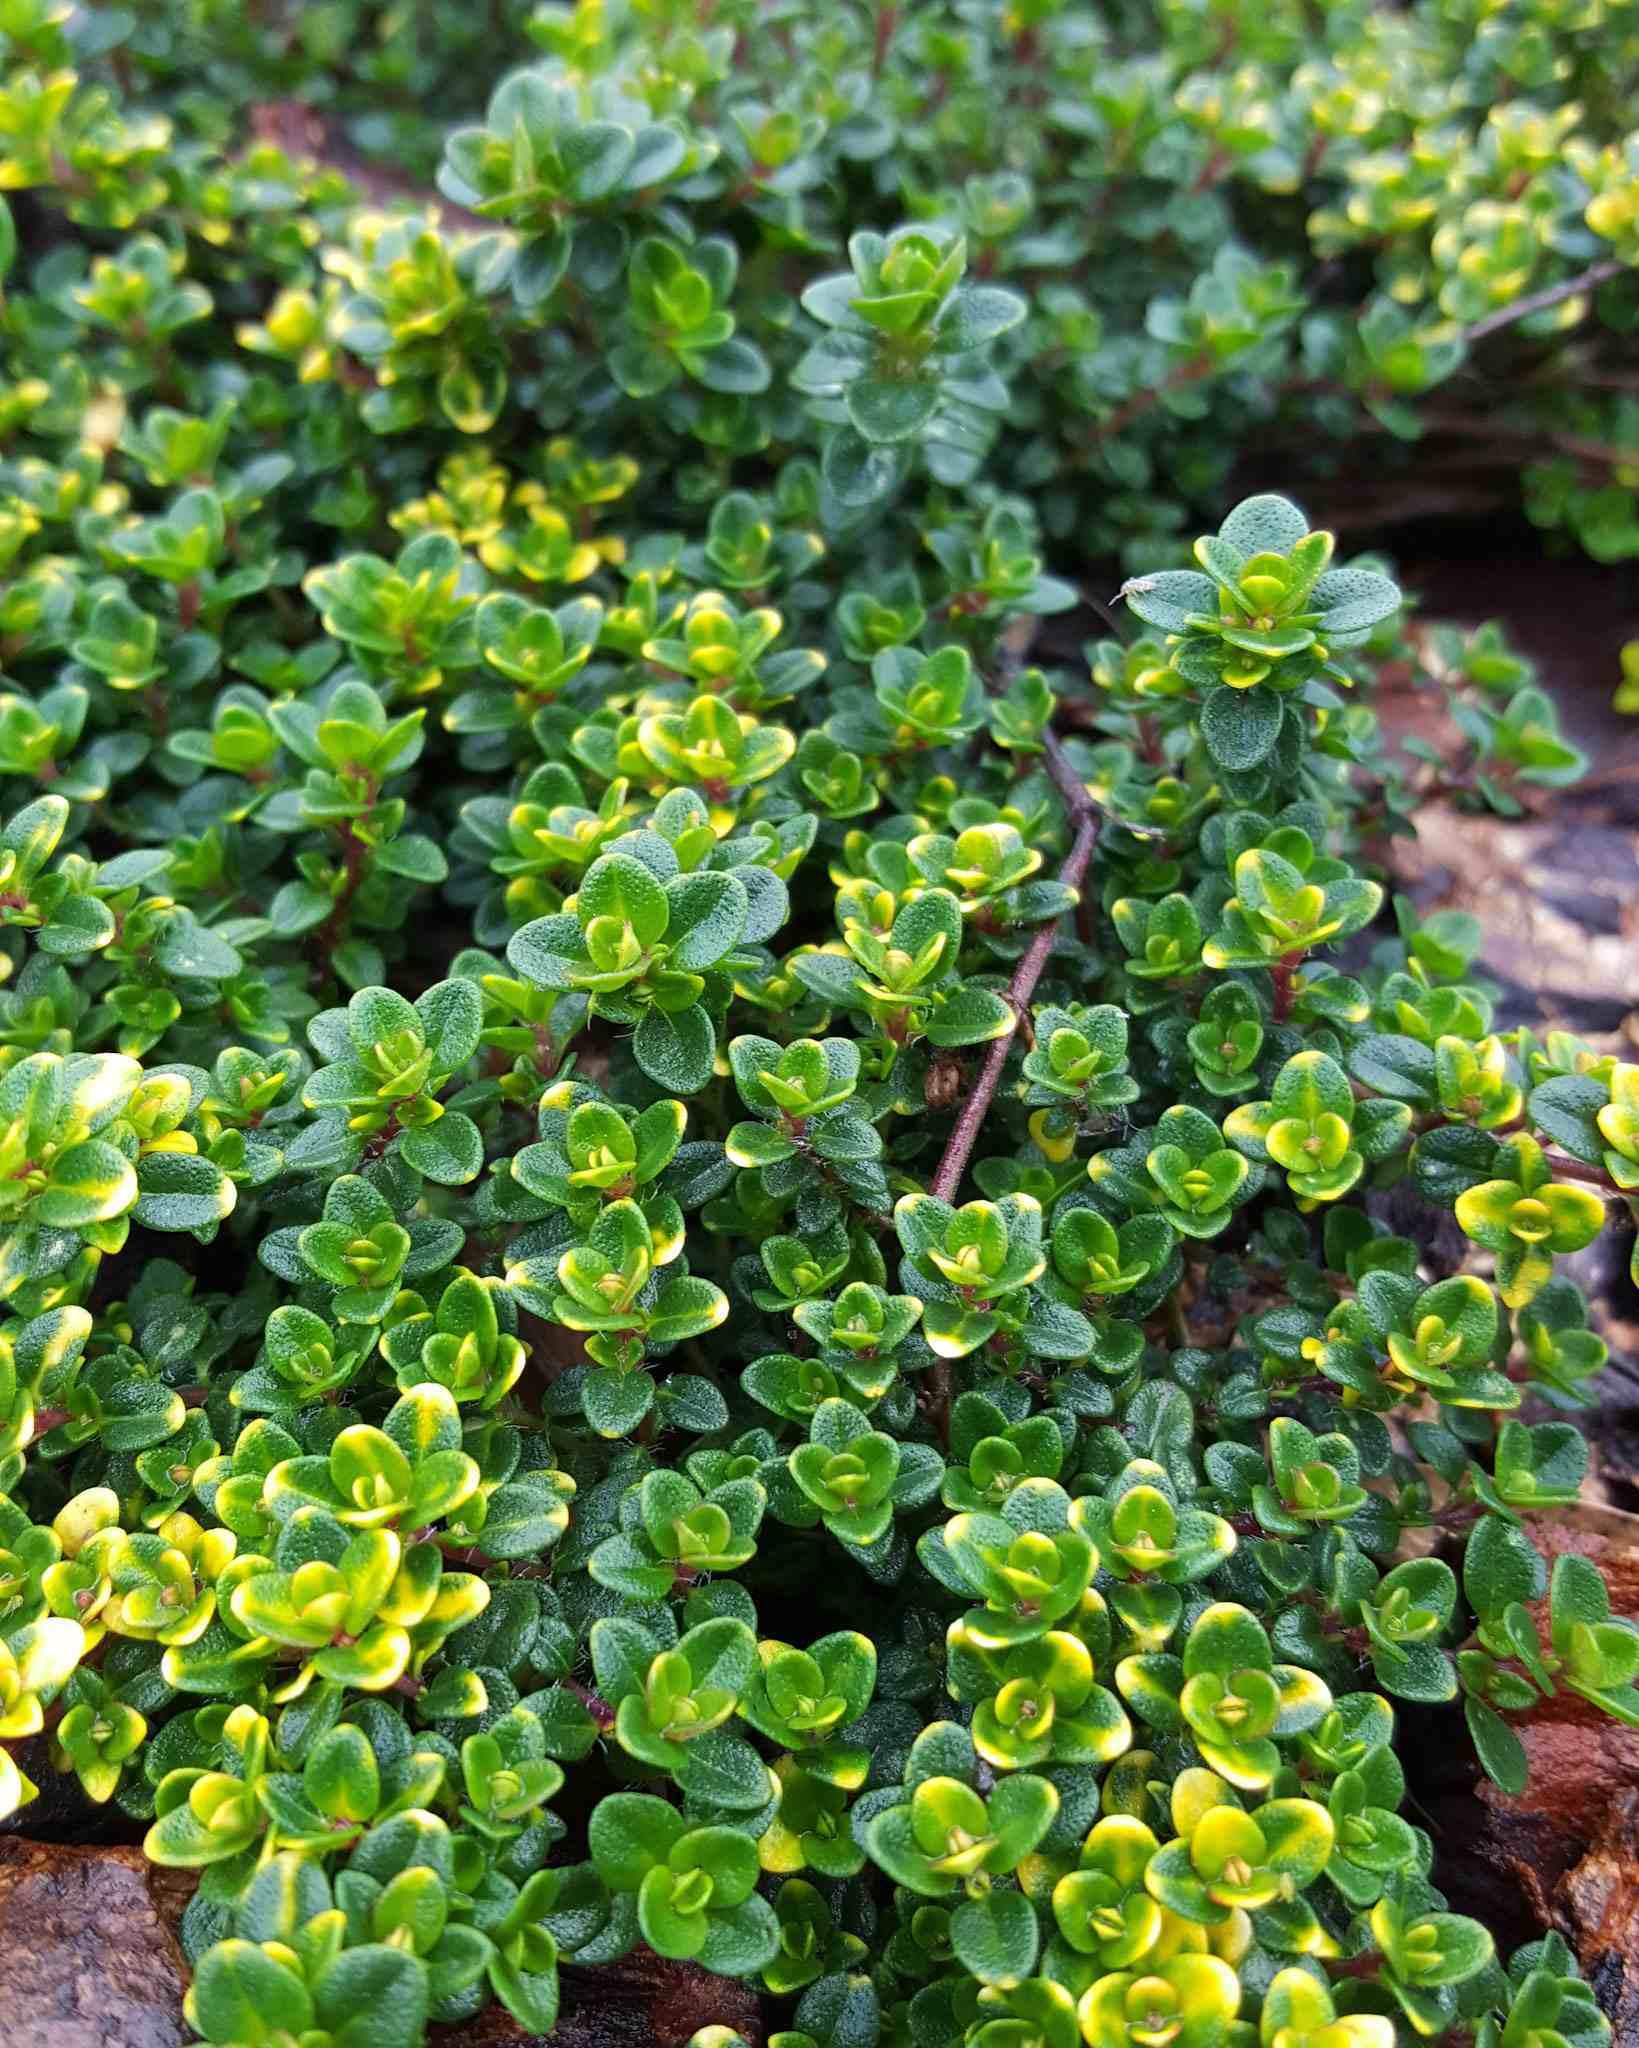 Image rapprochée d'une plante de thym citronné, elle s'est propagée comme le ferait une couverture végétale. Le soleil brille de la gauche, donnant un contraste de clair et sombre parmi les crevasses de la plante.